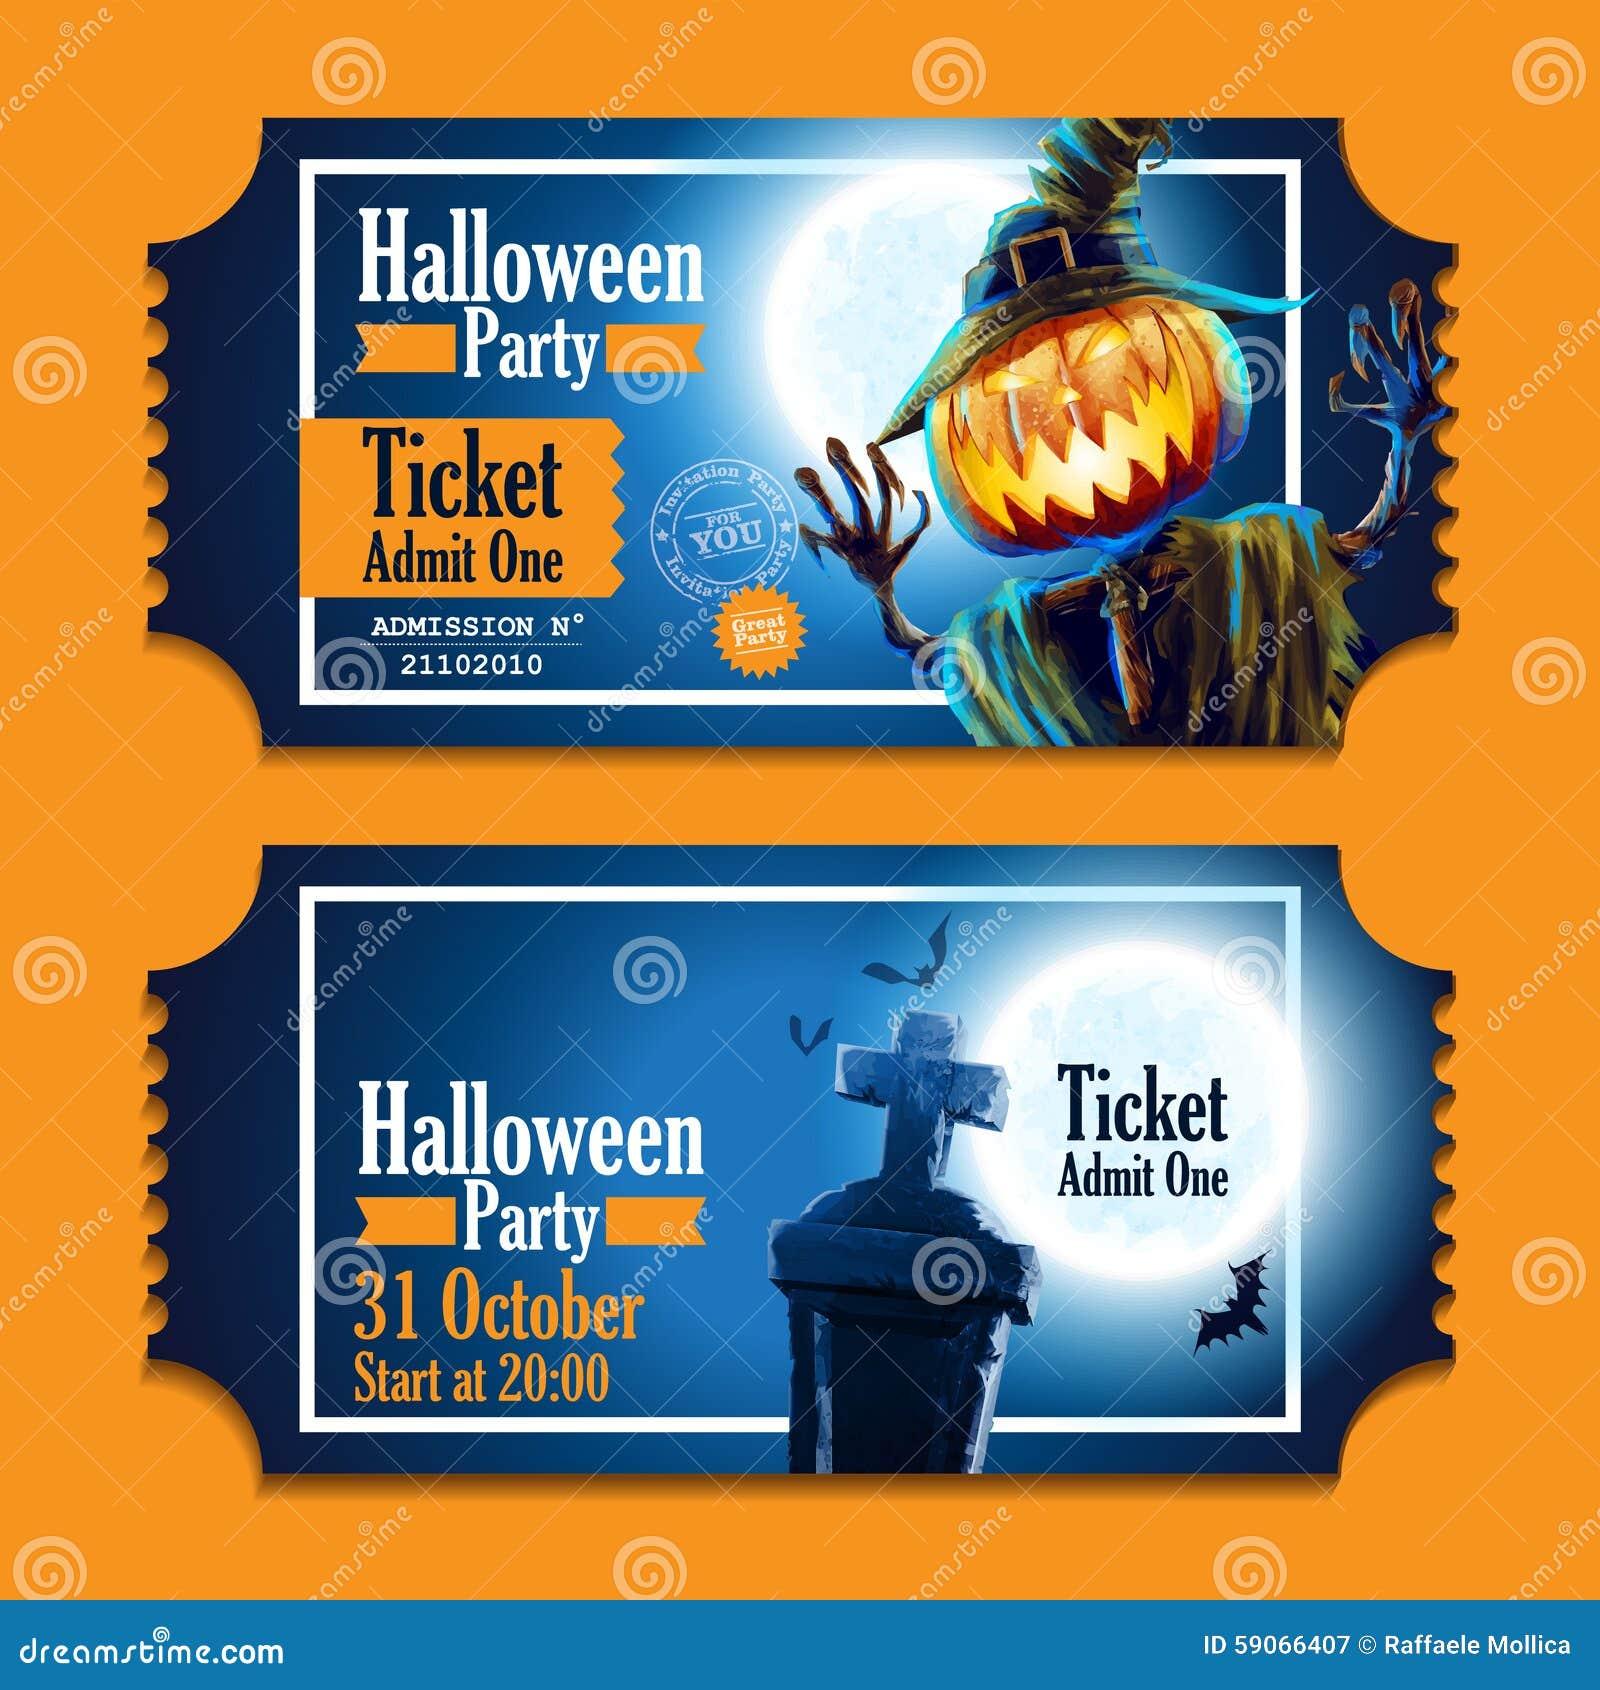 Halloween Party Night Pumpkin Ticket Stock Vector - Image: 59066407